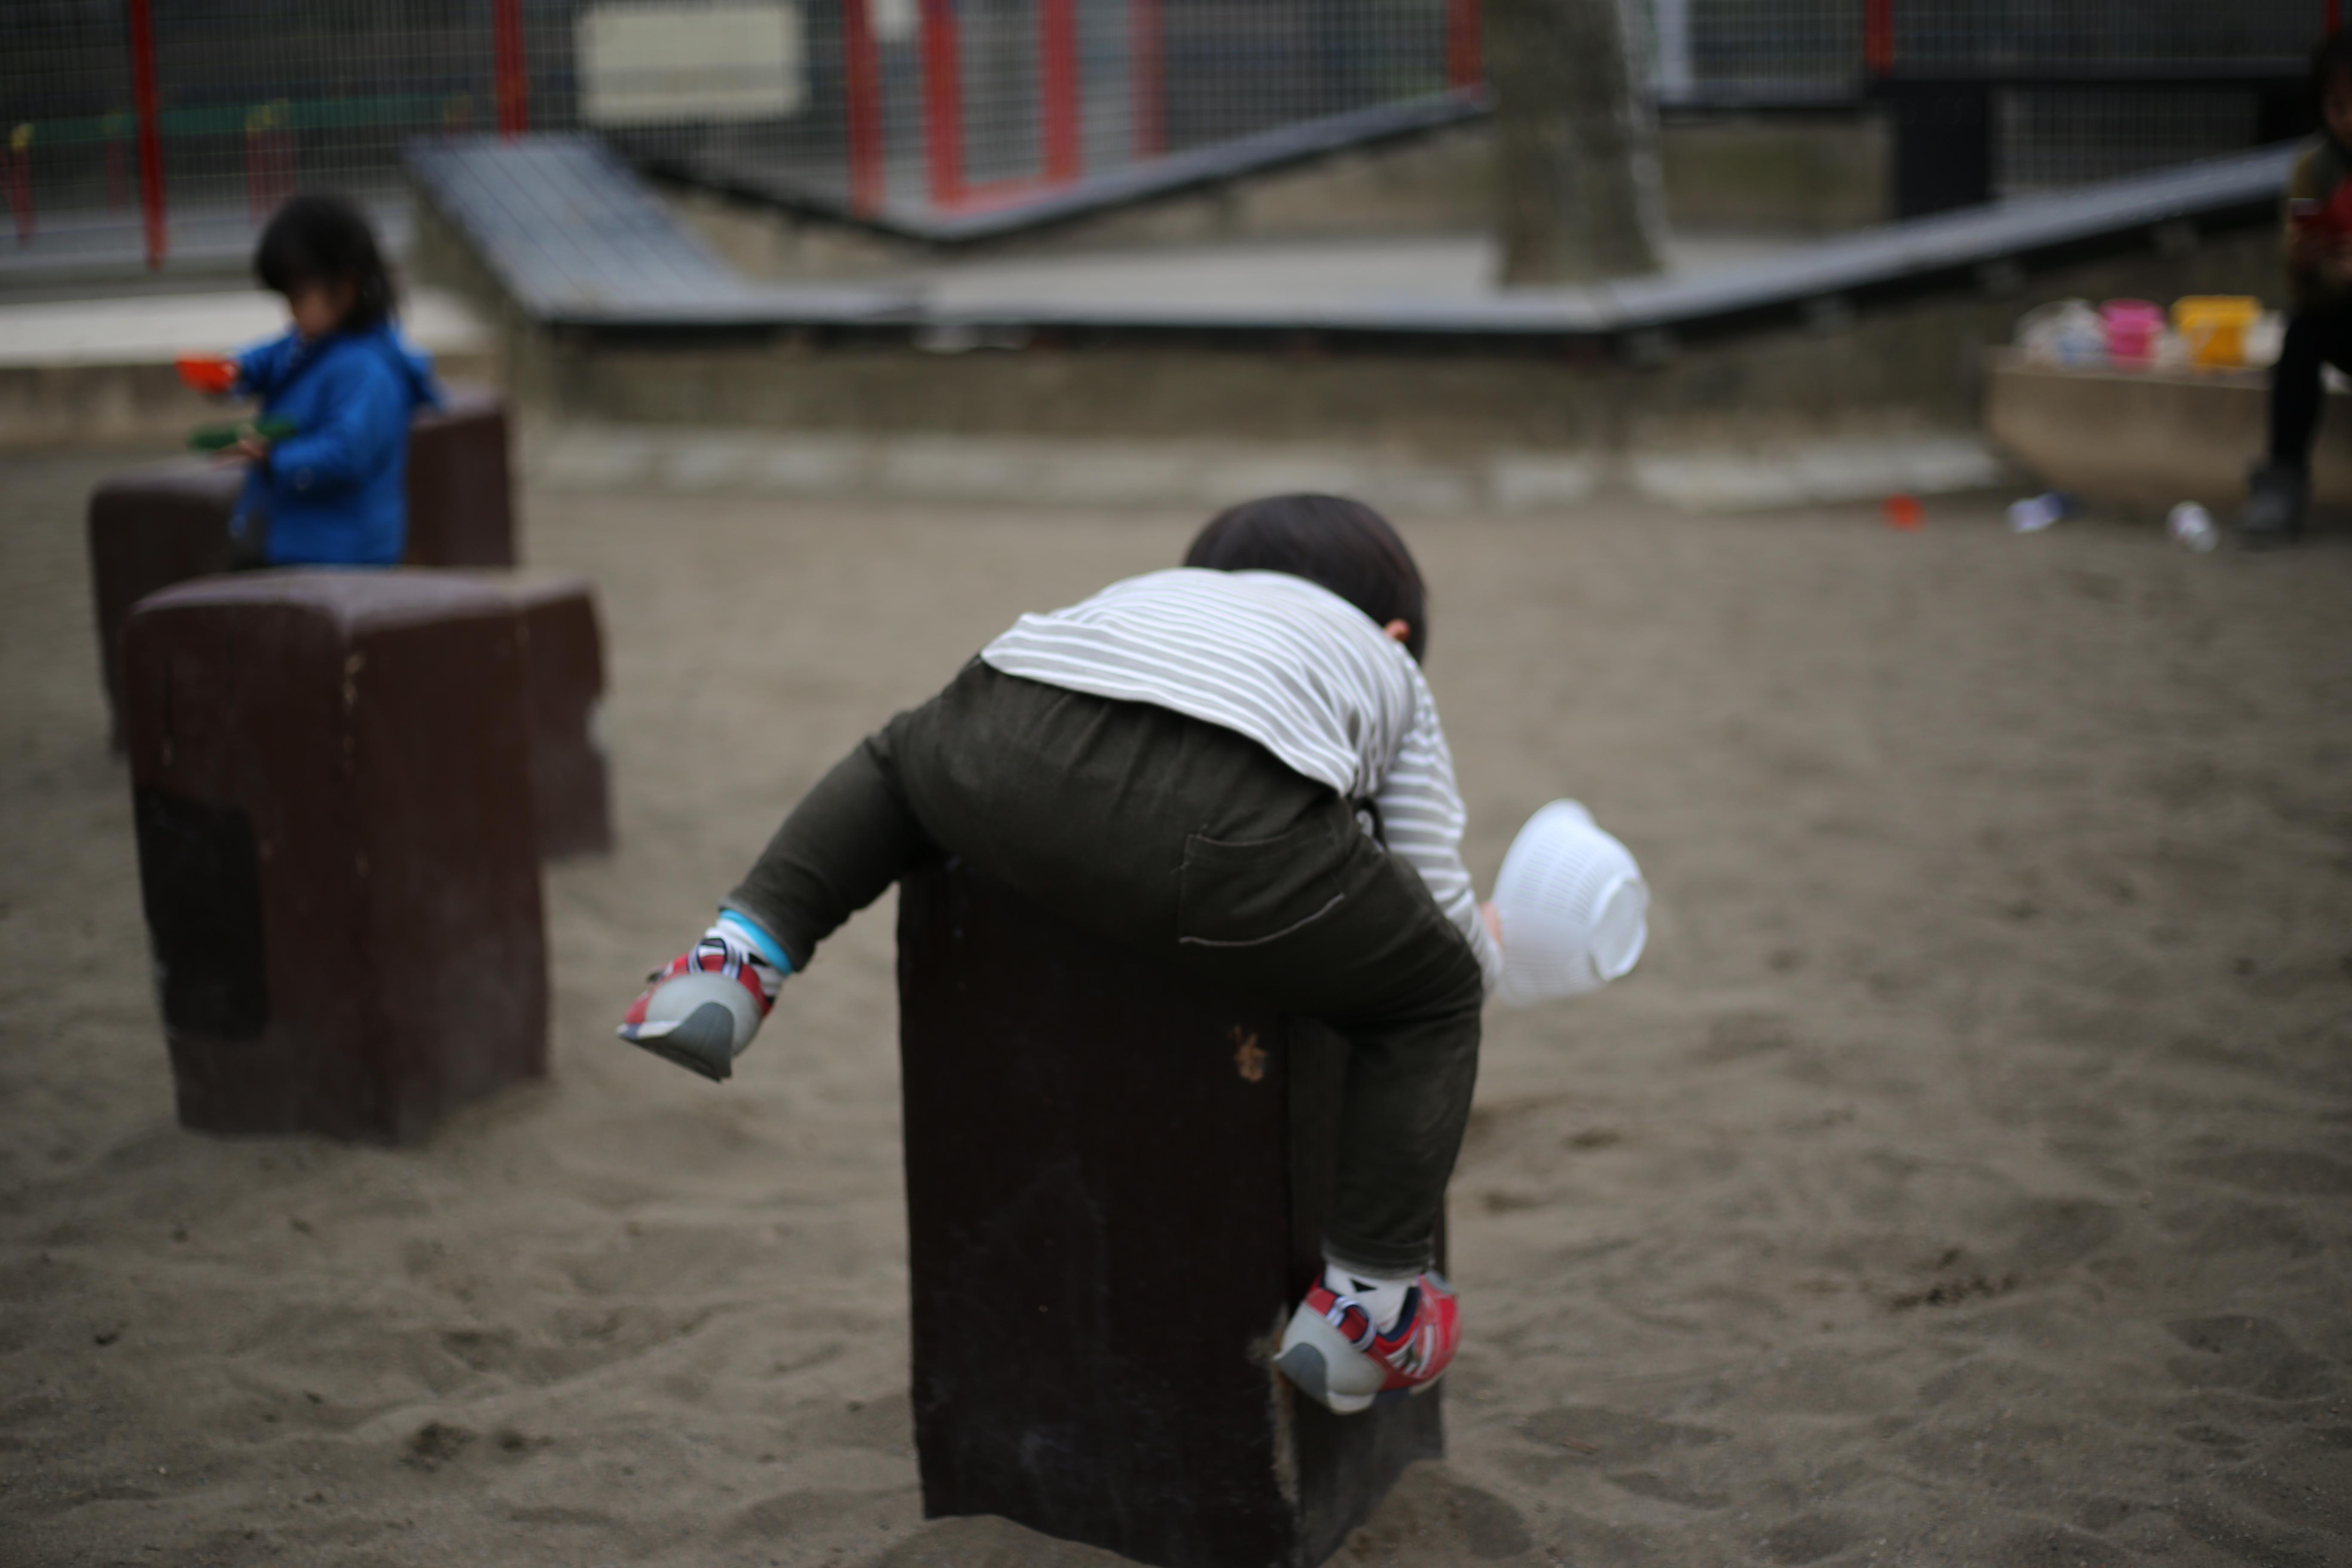 砂場という社会で学ぶこと。嫌なものは嫌だと言って欲しい。